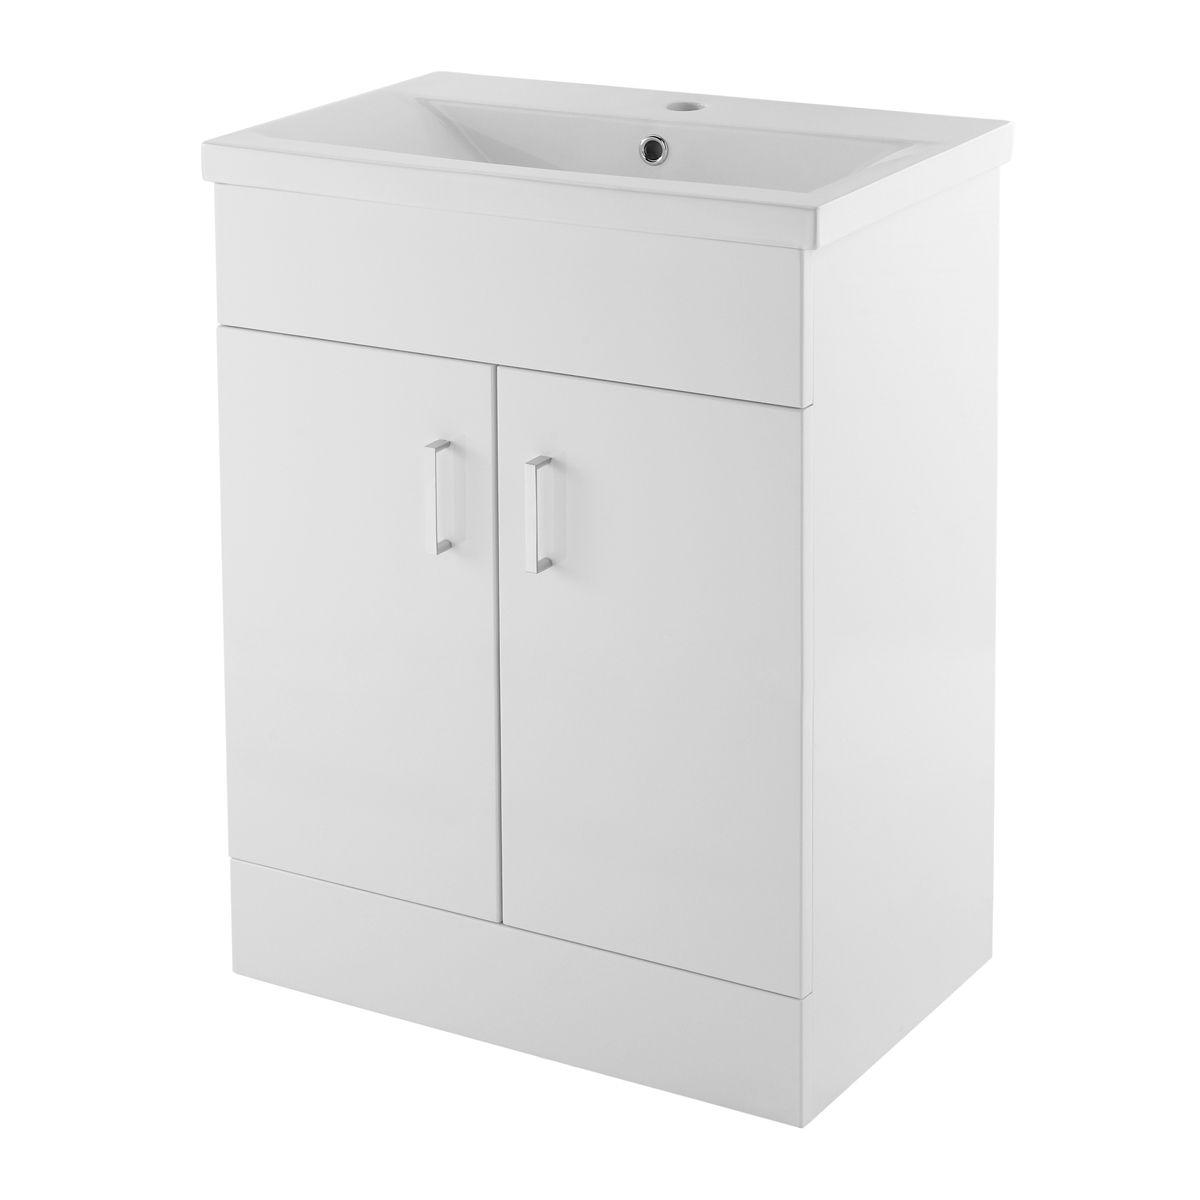 Nuie Eden Gloss White Floor Standing Vanity Unit 600mm